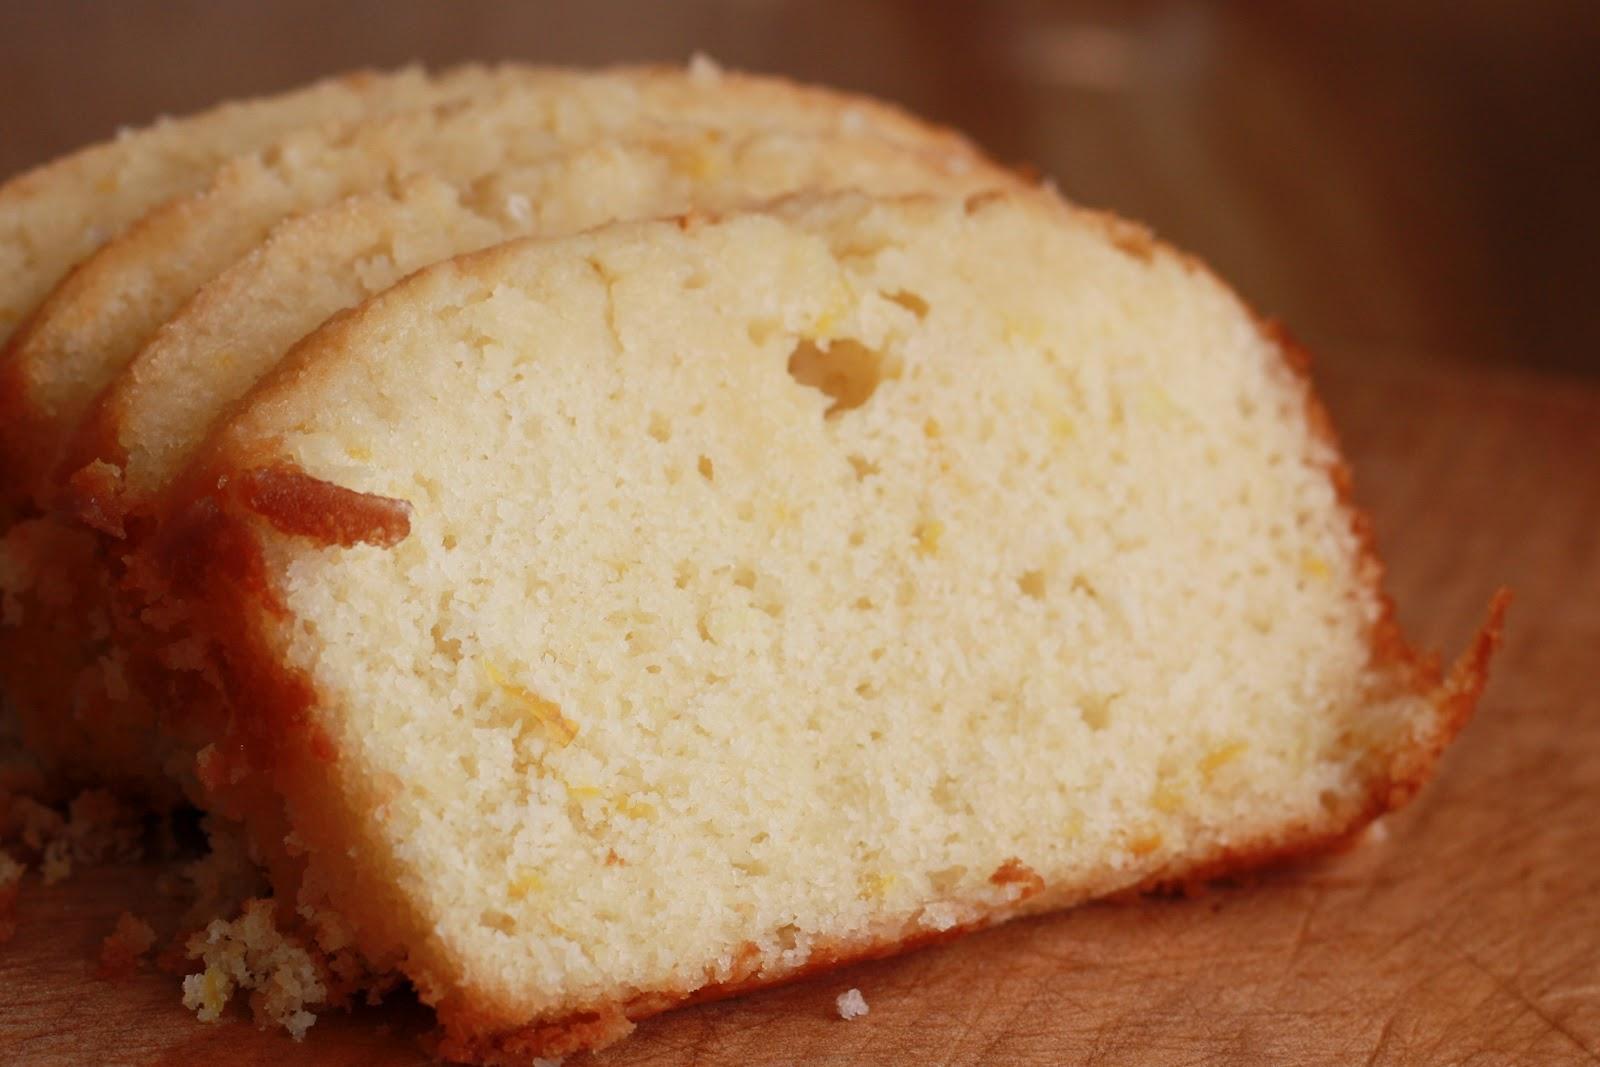 PaperTurtle: Lemon Tea Bread